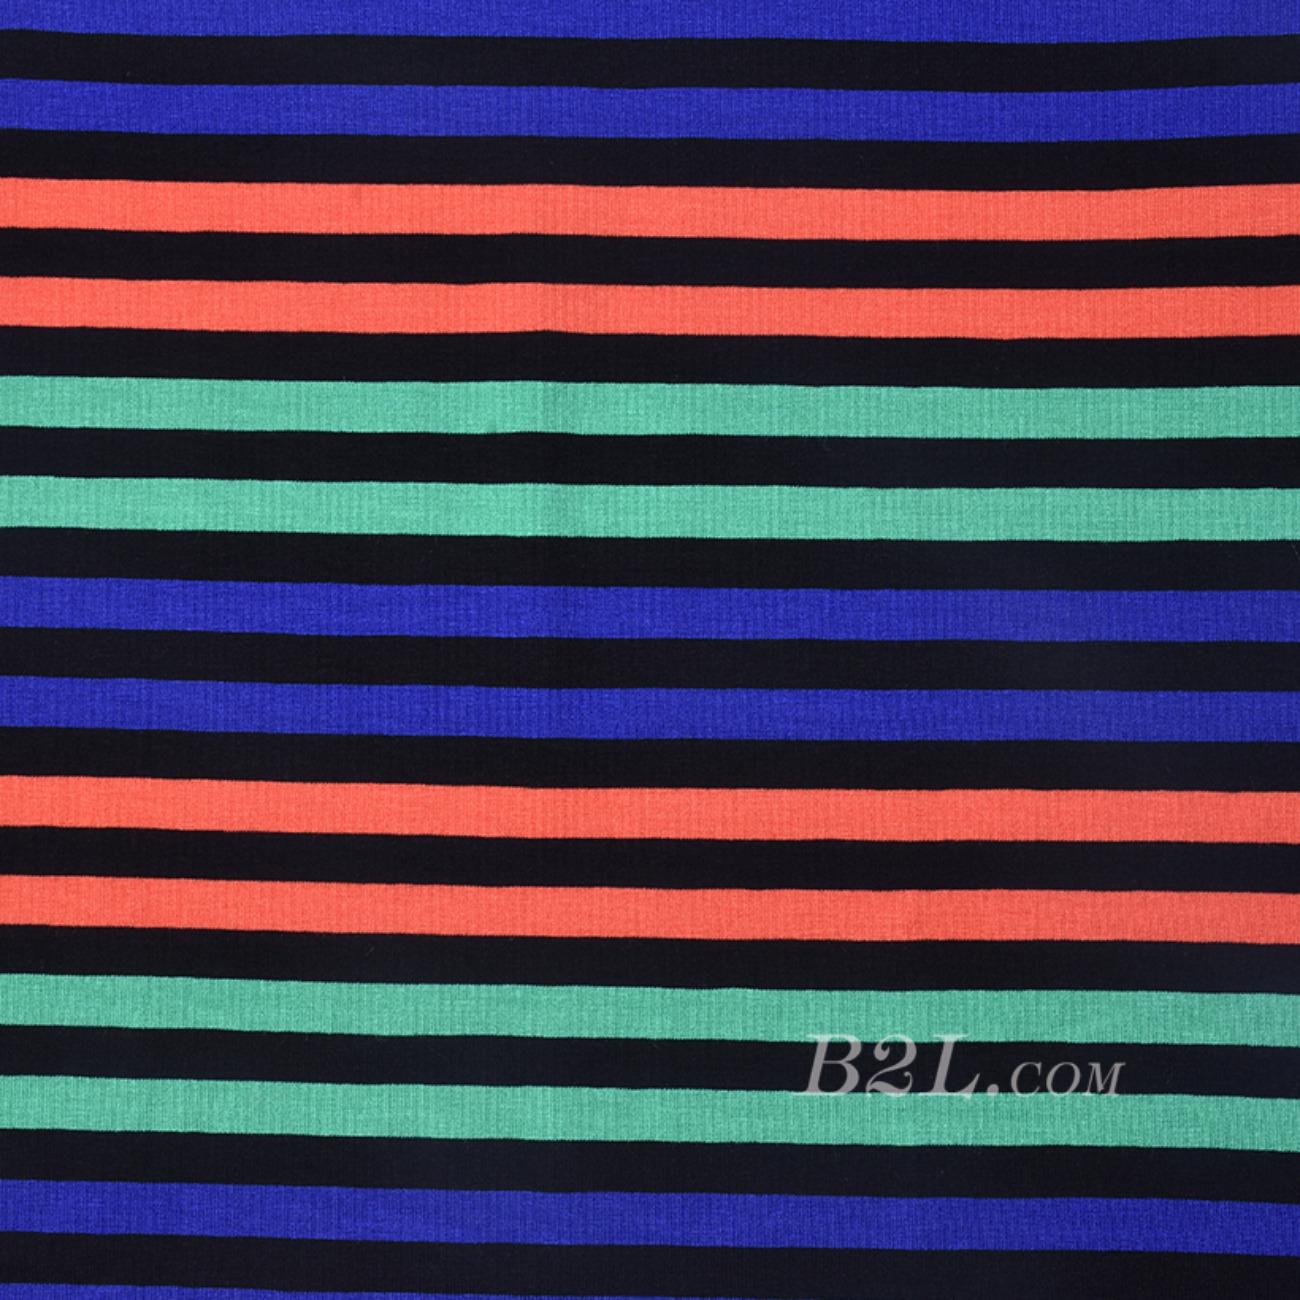 条子 针织 弹力 横条 圆机 纬编 T恤 针织衫 连衣裙 棉感 定位 期货 60312-101